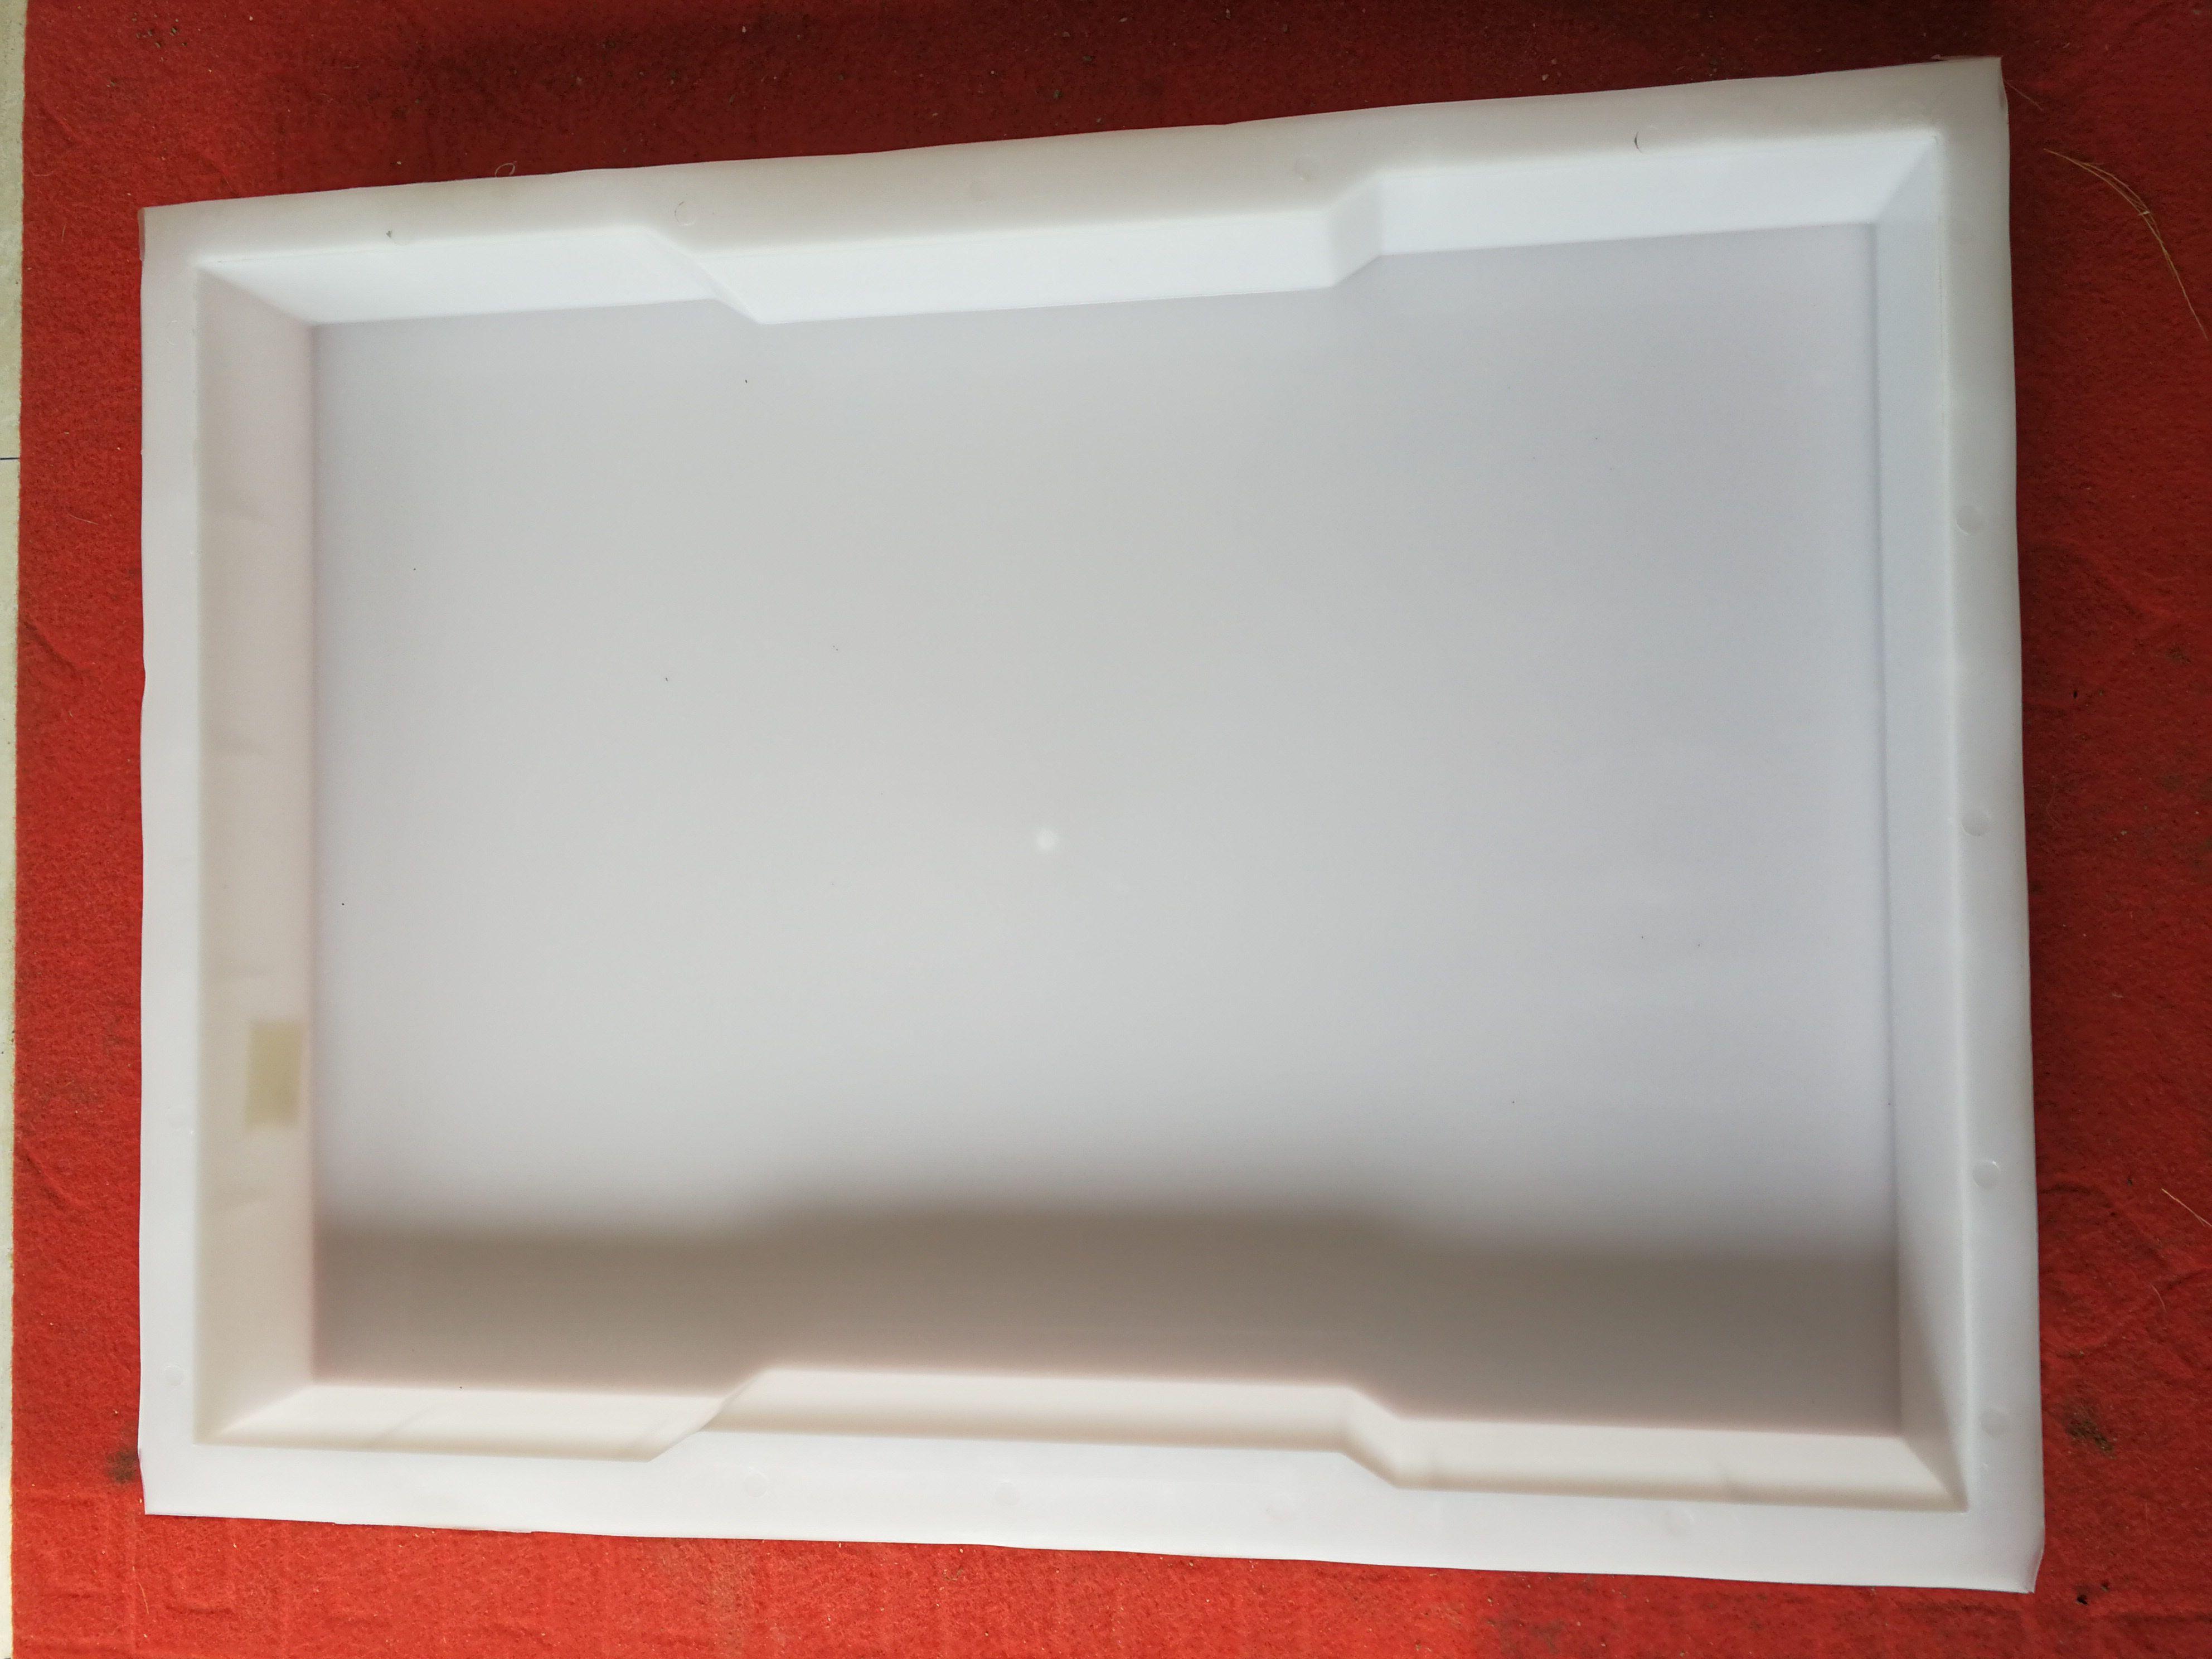 边衬板模具沟盖板模具-盖板塑料模具-铁路沟盖板模具